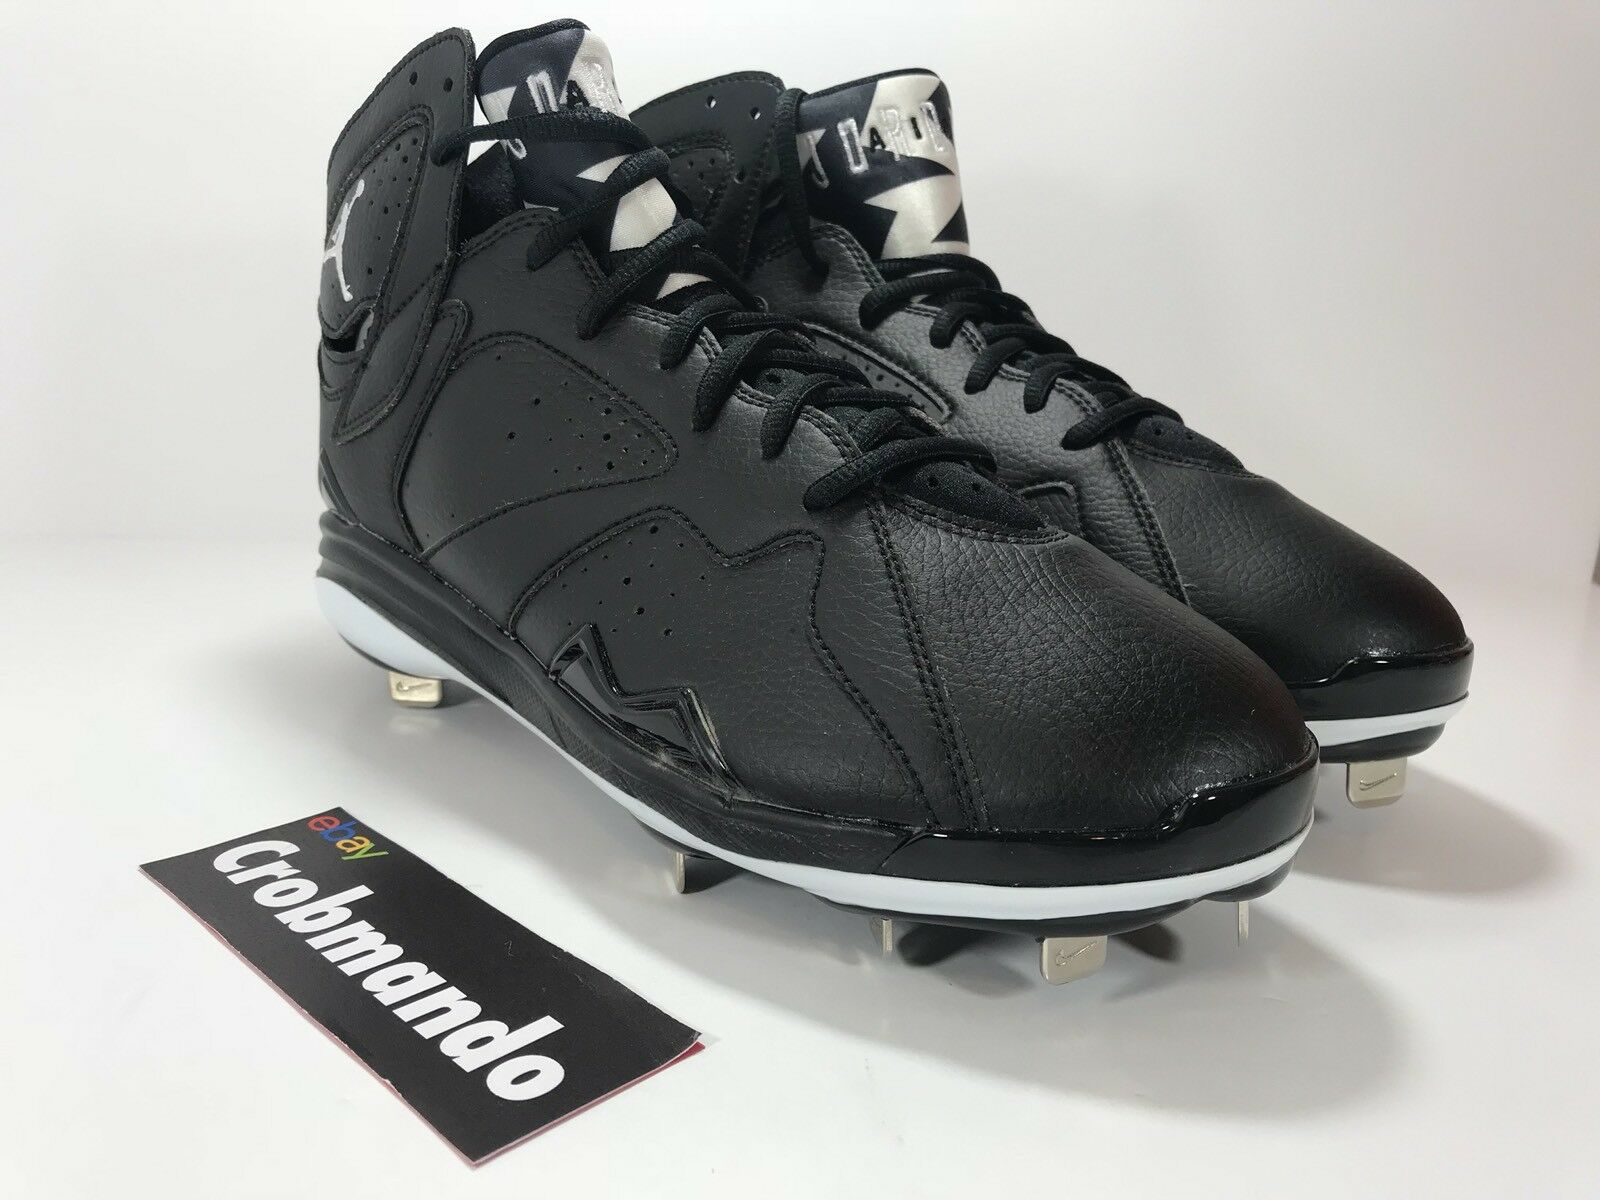 Nike sono air jordan retr 7 uomini di metallo sono Nike scarpe da baseball atletico 684943-010 dimensioni 13 17b422